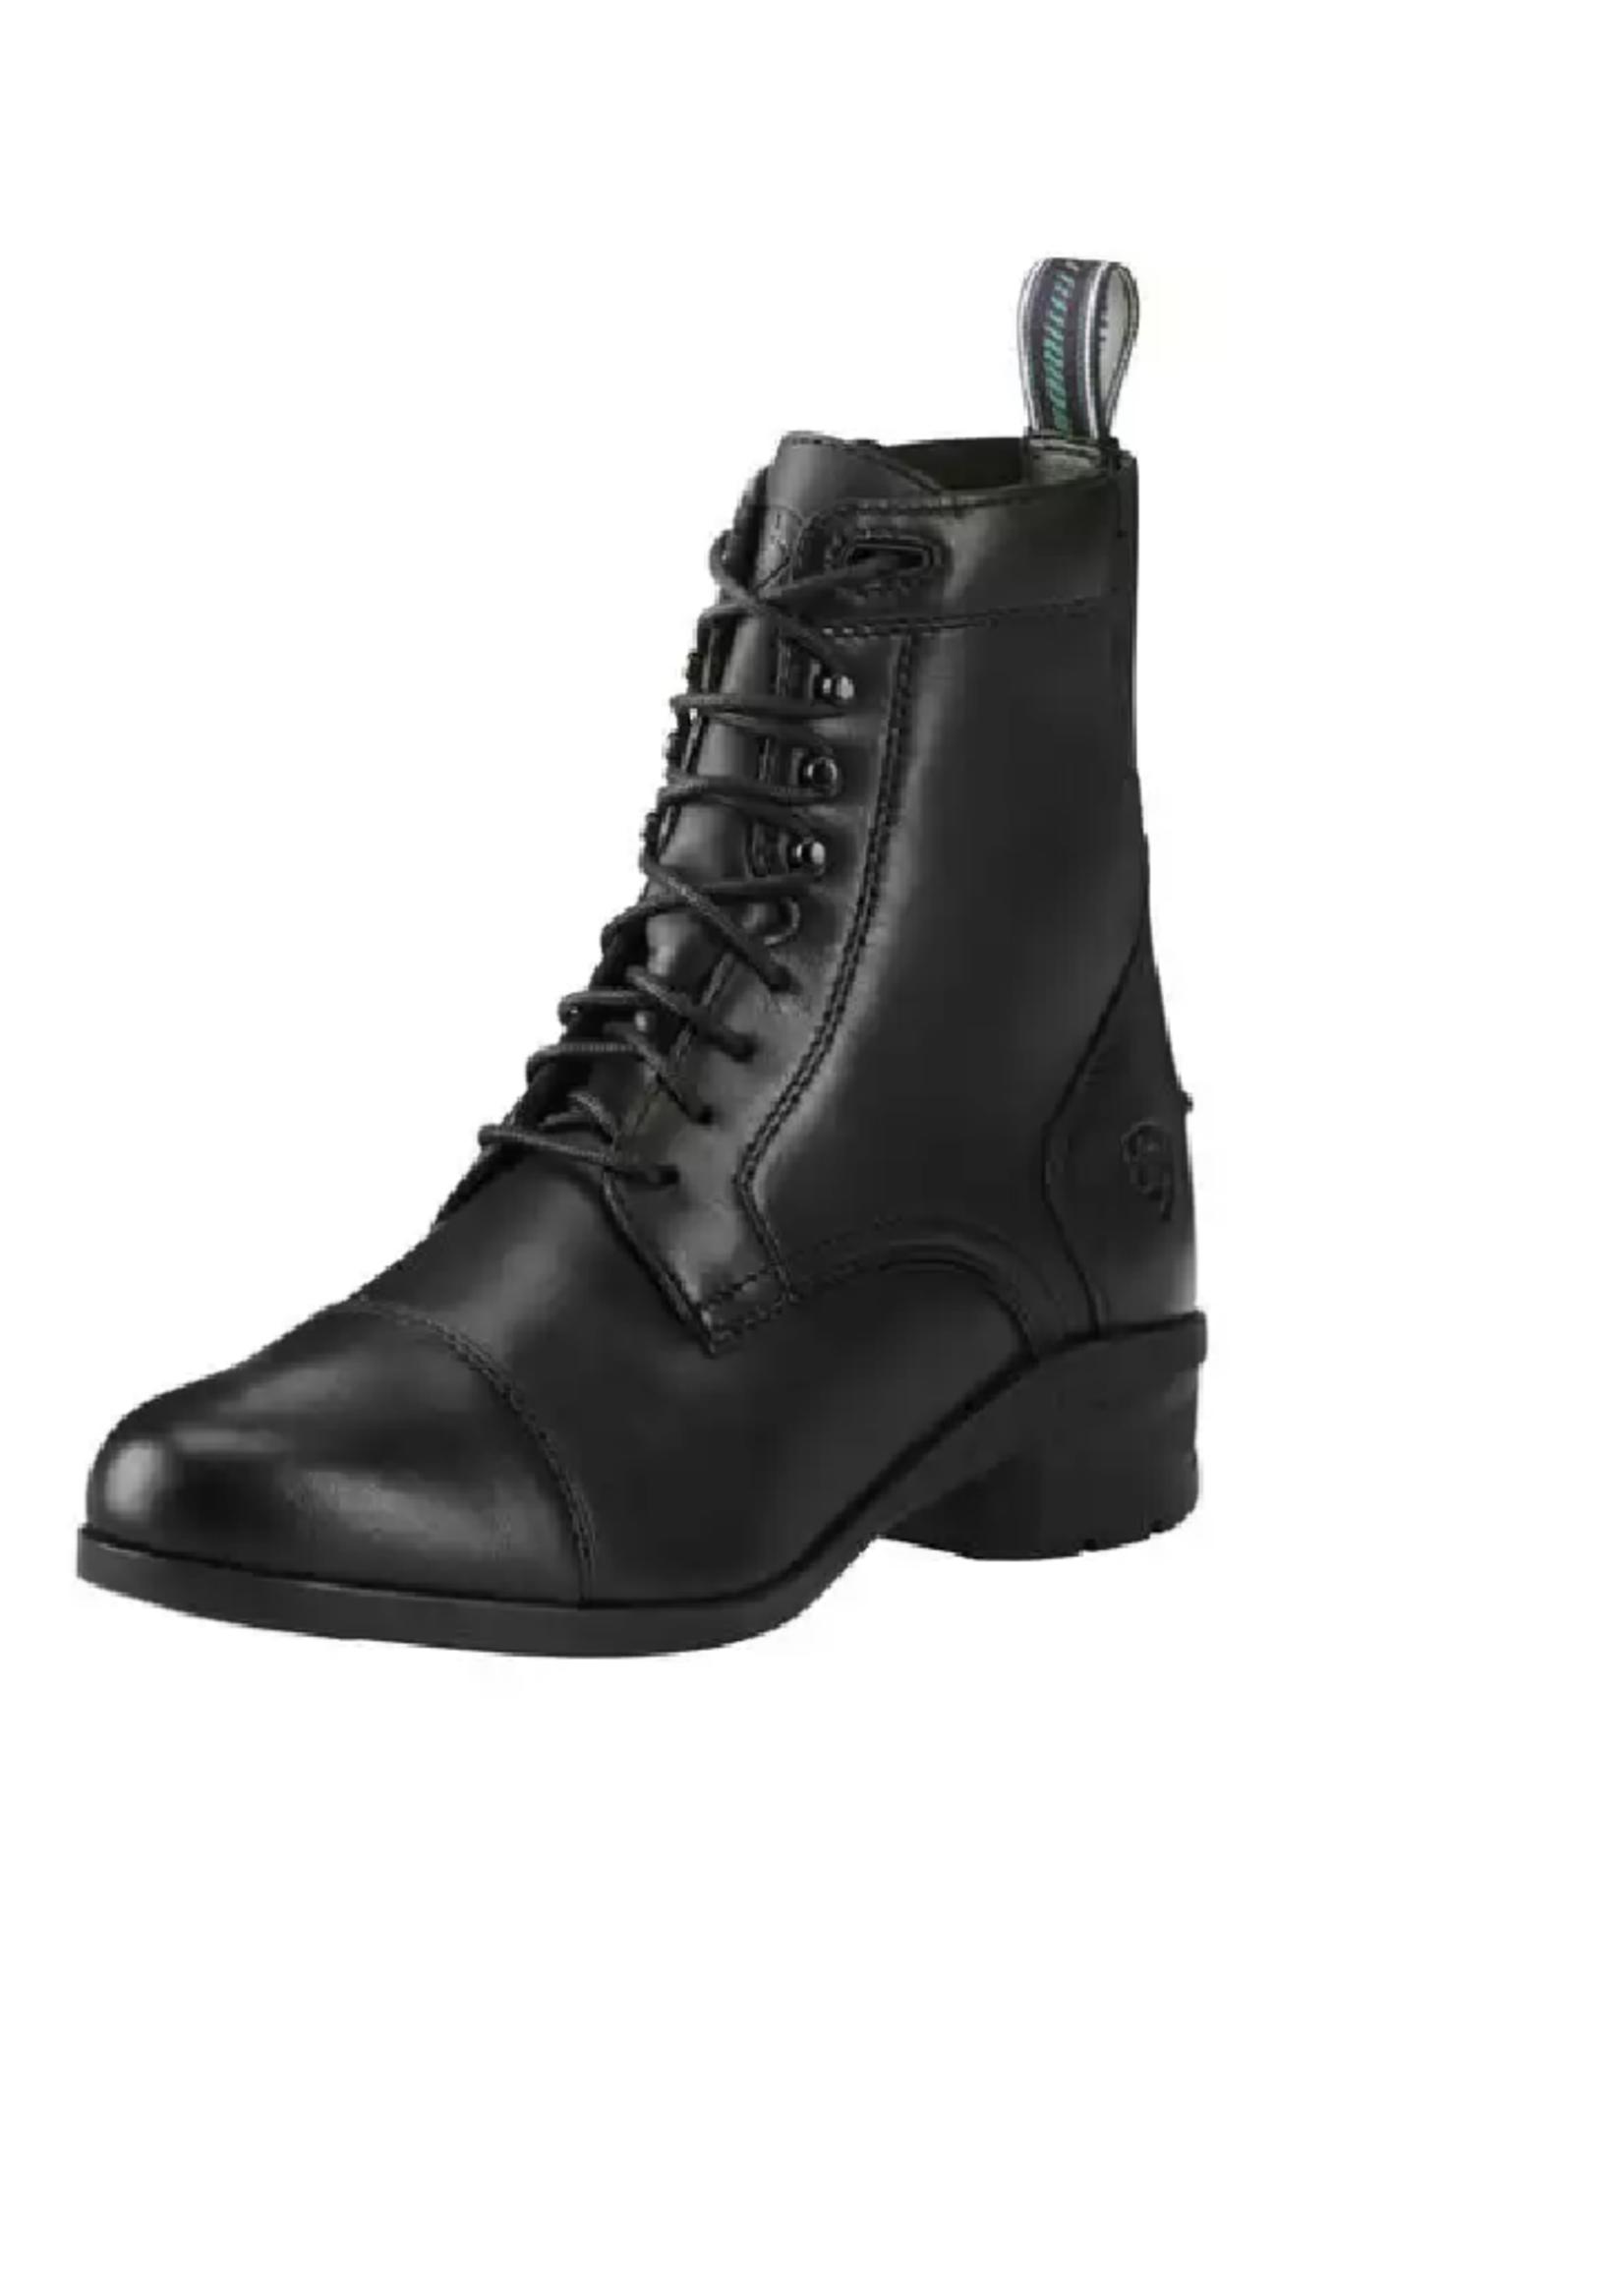 Ariat Ariat Heritage  Paddock Women Schoenen